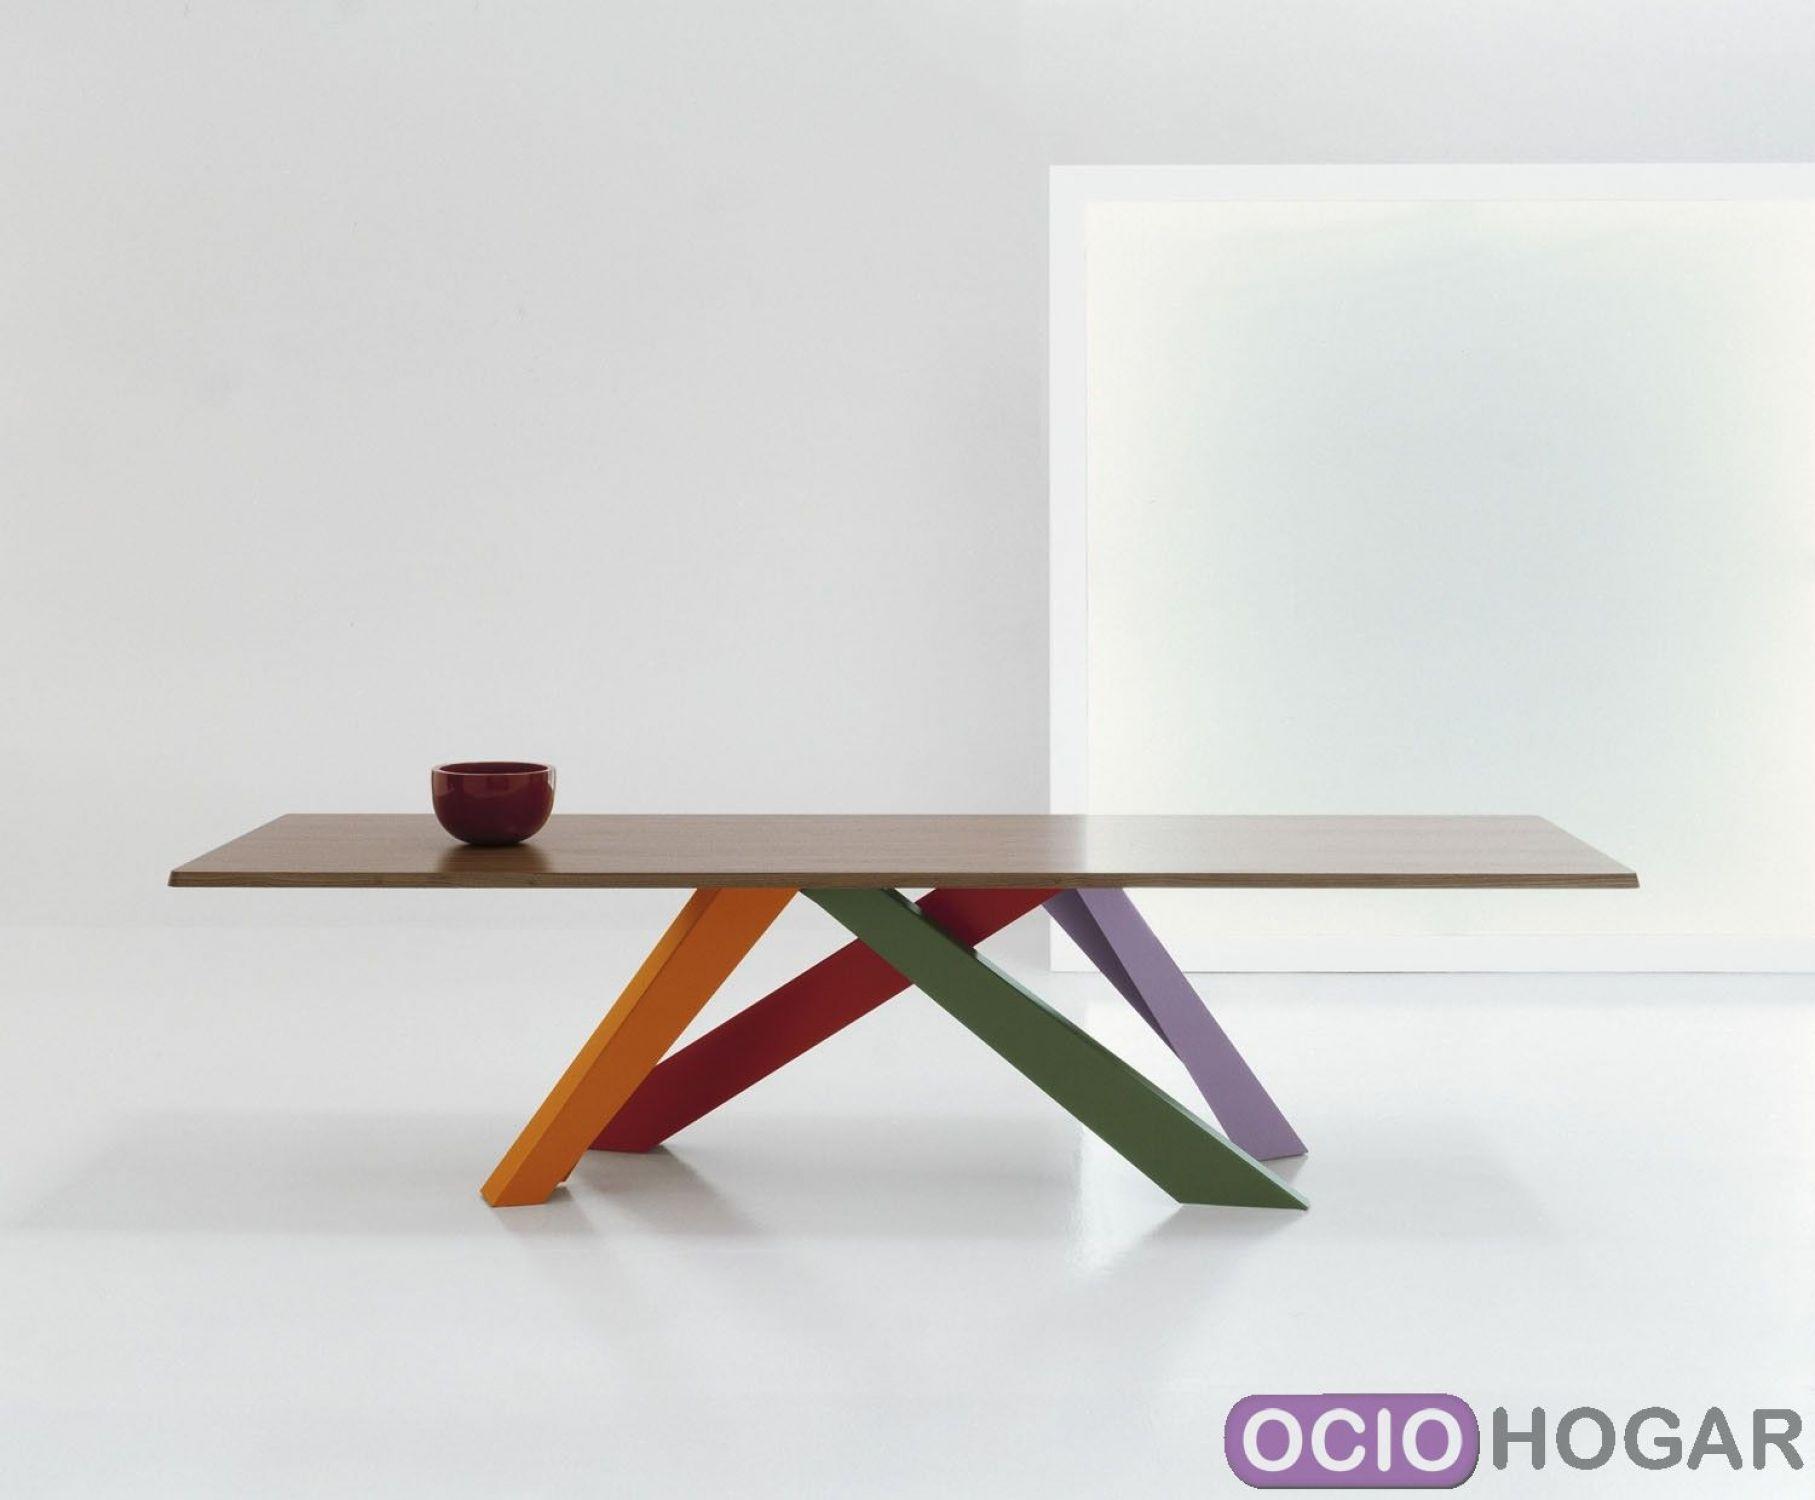 Mesas de comedor - Cristal, madera, extensibles - OcioHogar.com